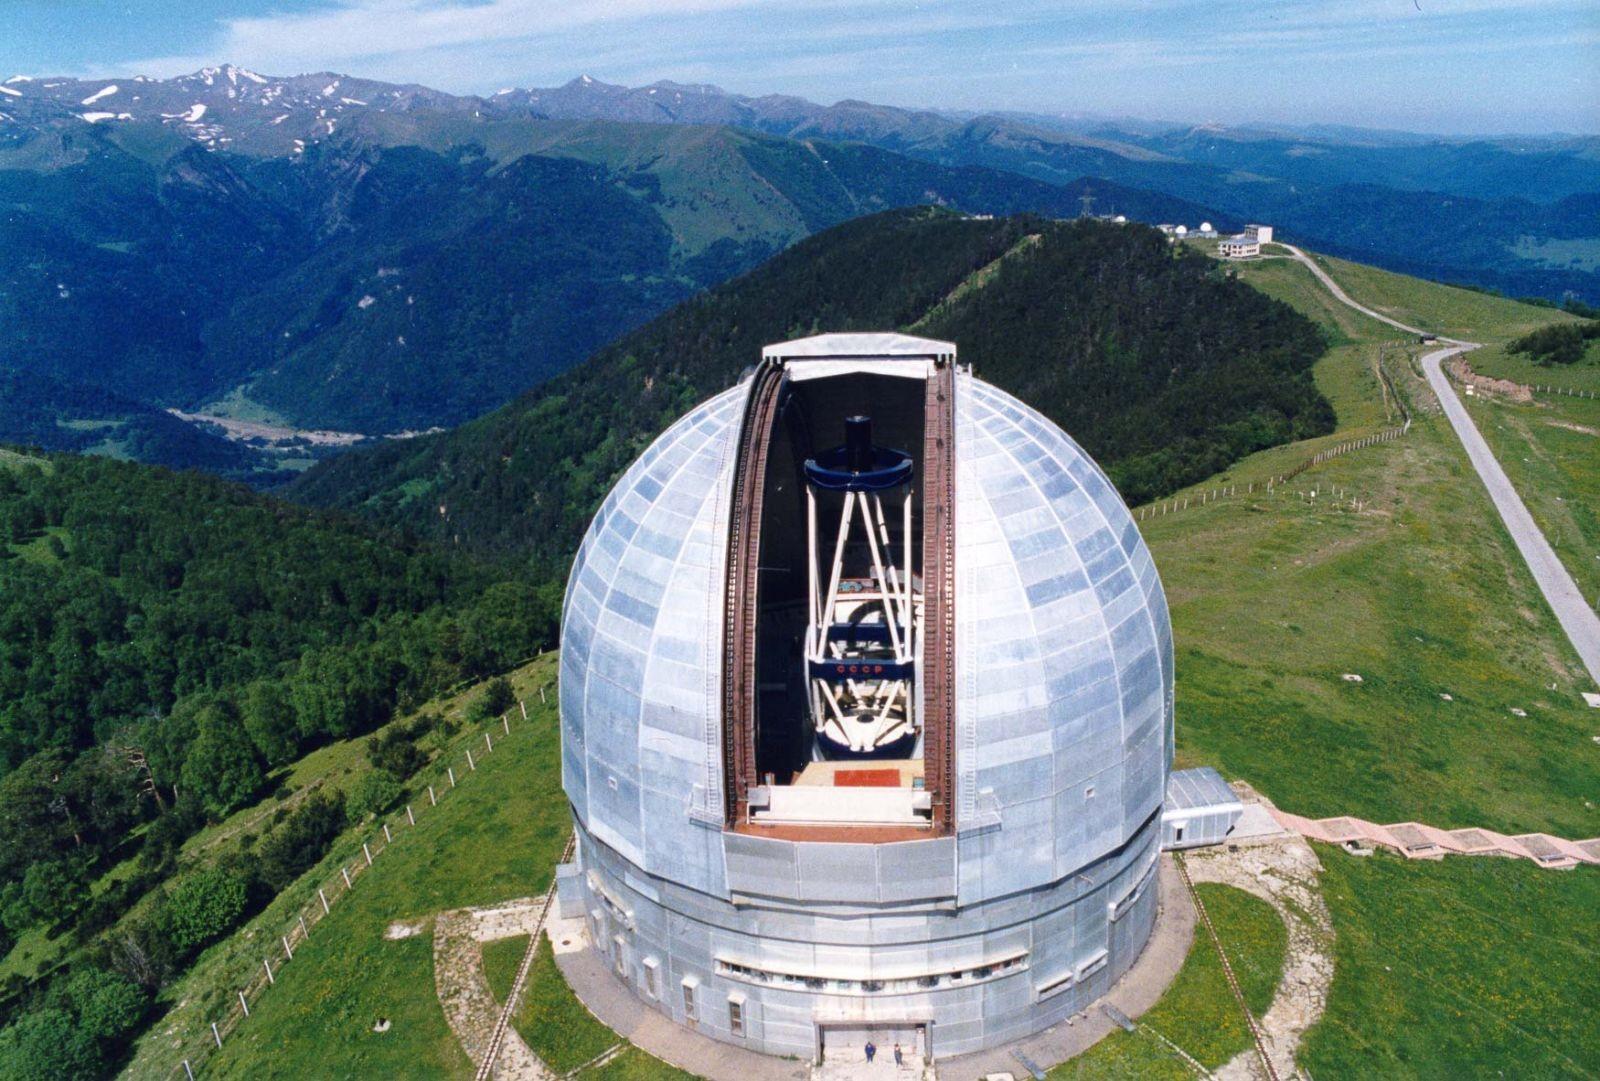 ВАрхызе появится телескоп для защиты отугроз изкосмоса